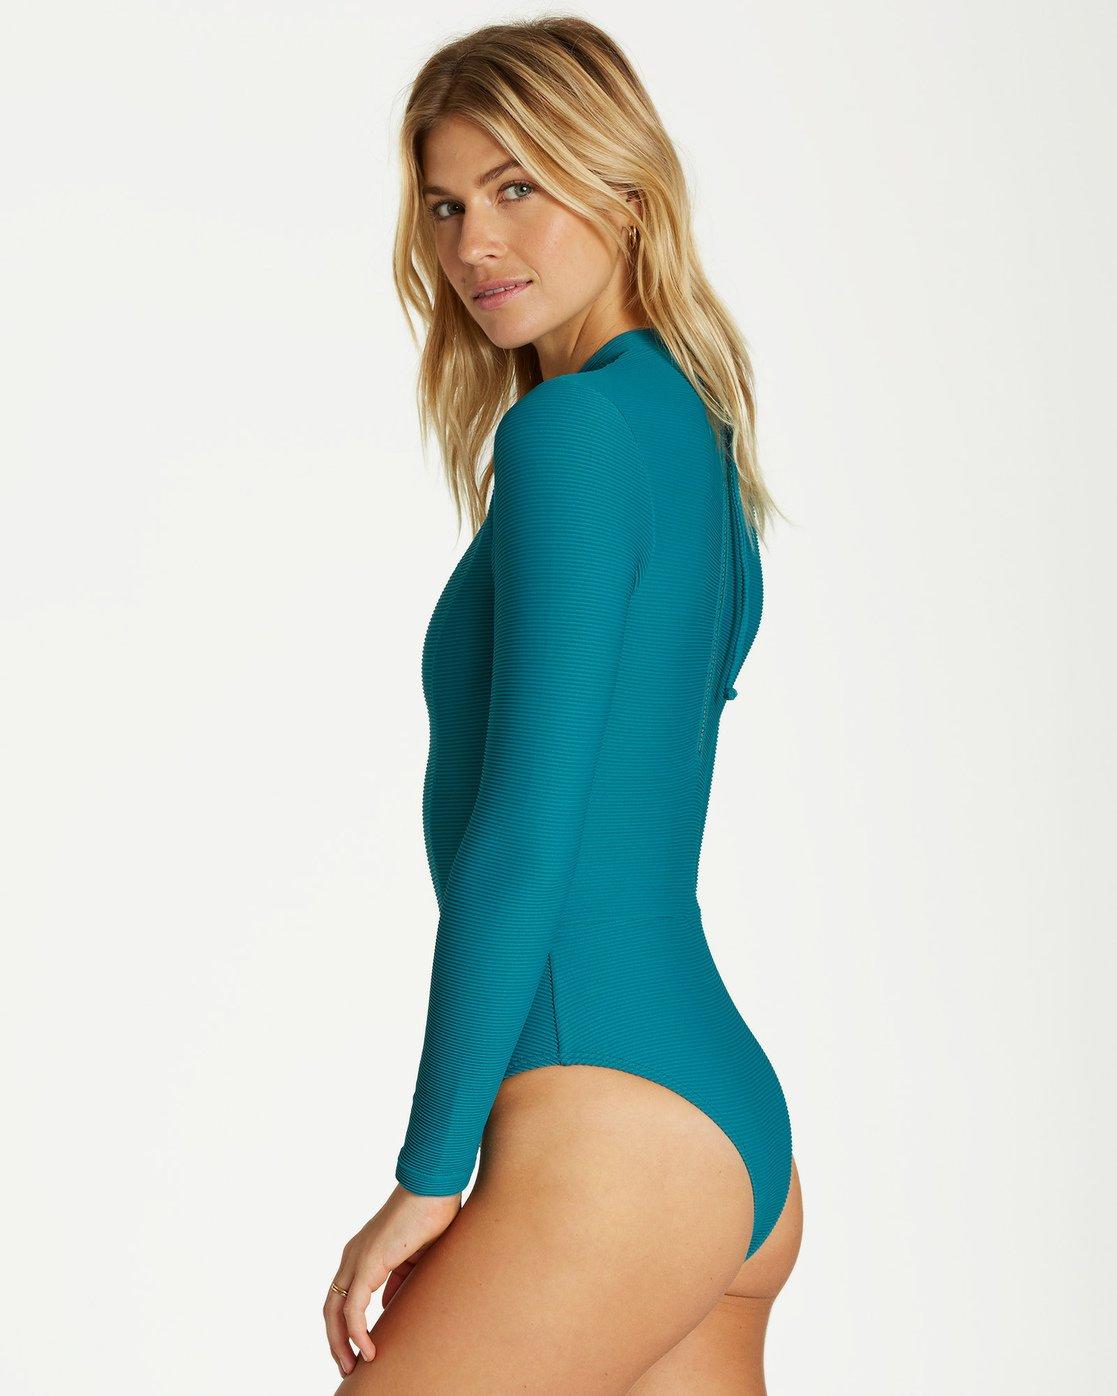 Tanlines Bodysuit Rashguard